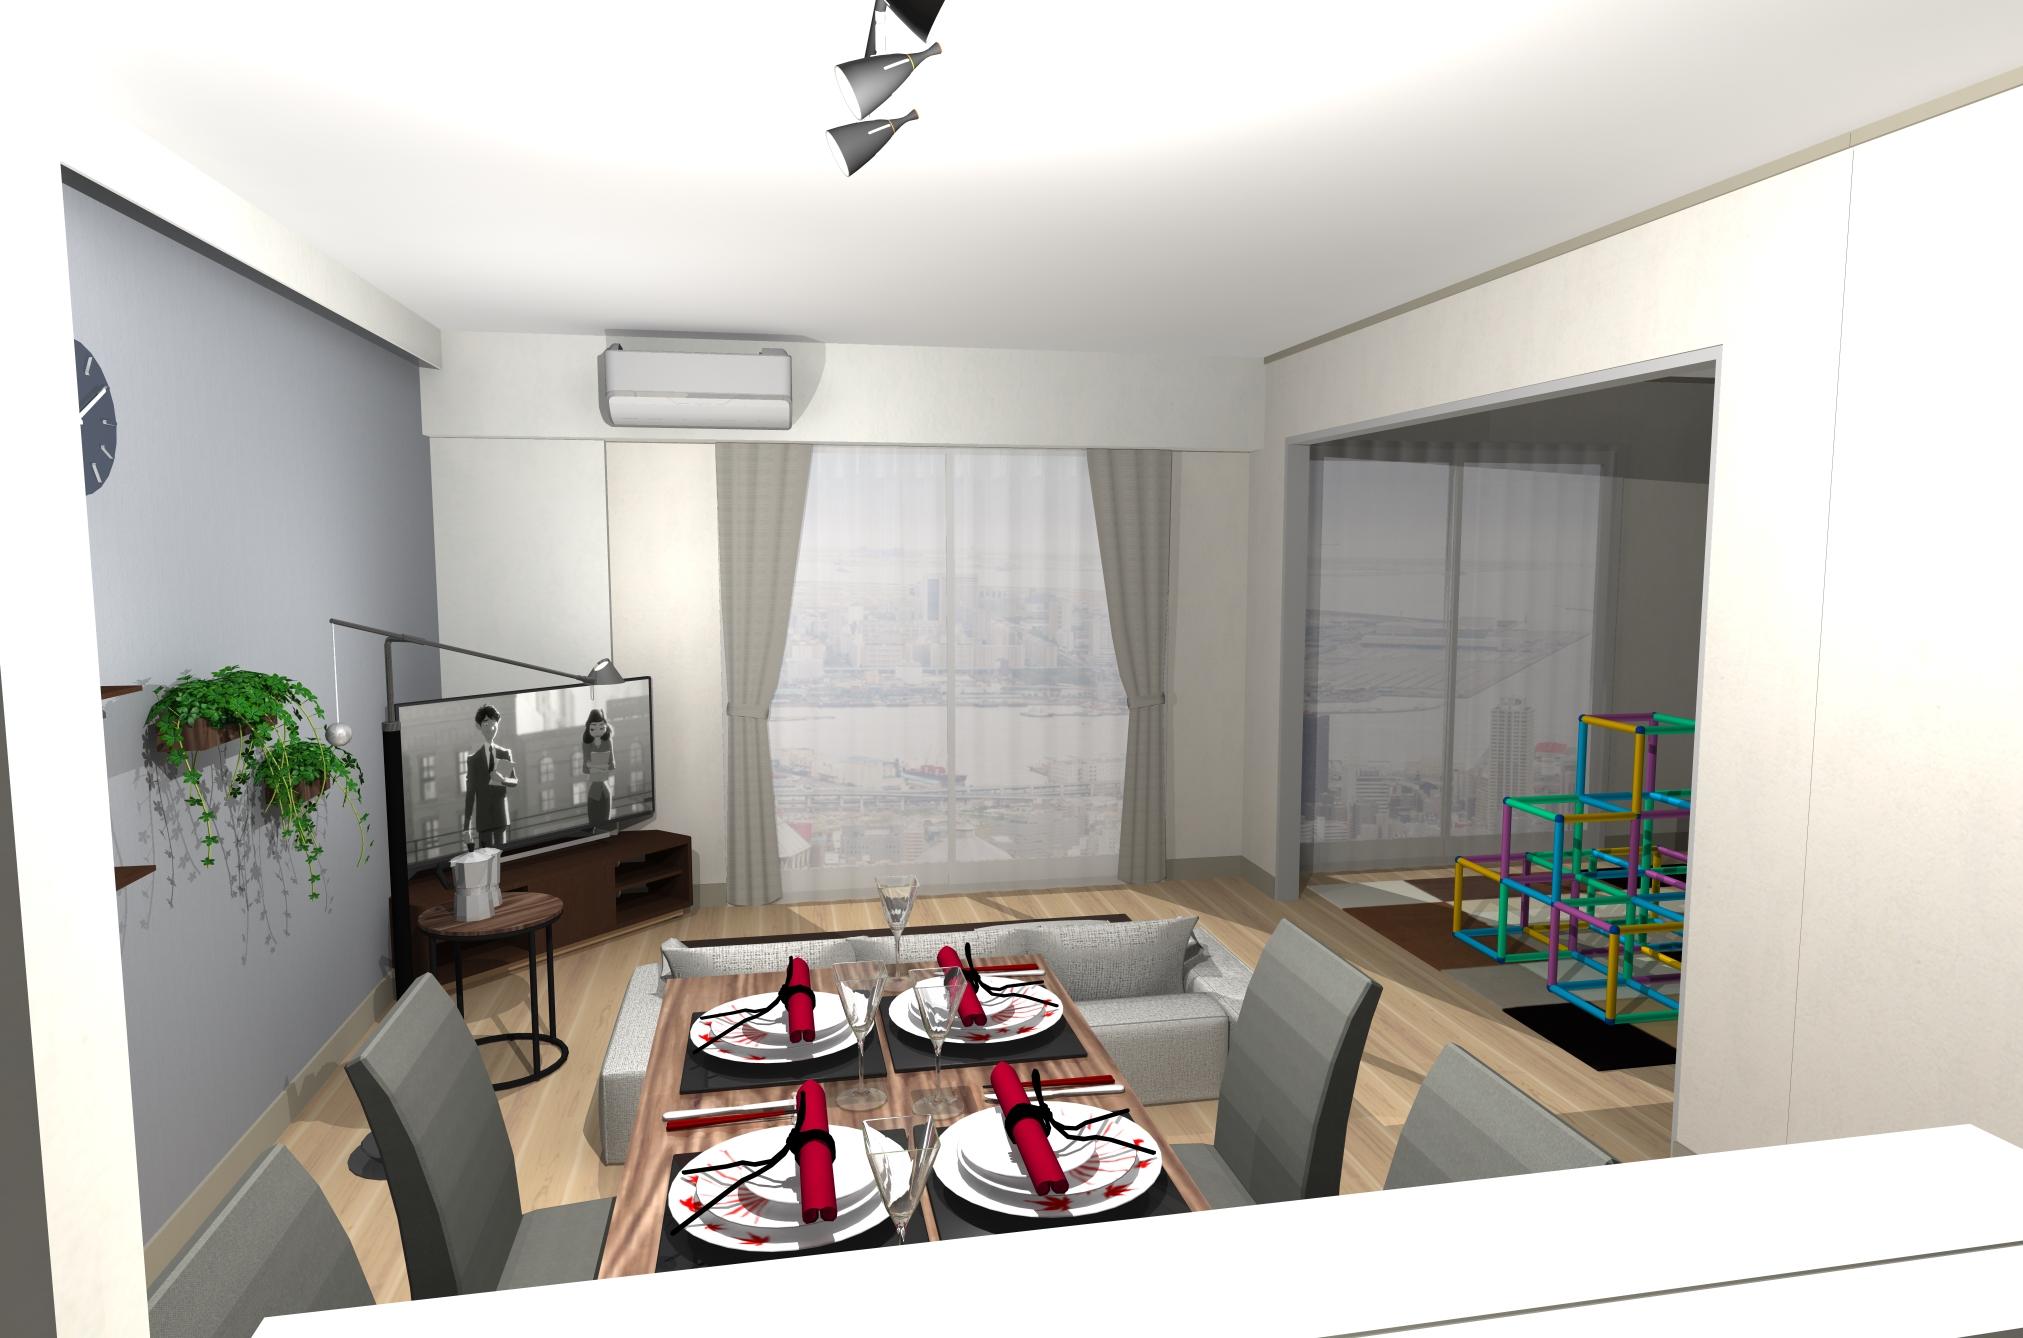 空間を広く見渡せるお部屋。お部屋の「ゴールデンゾーン」に抜け感と遊び心を